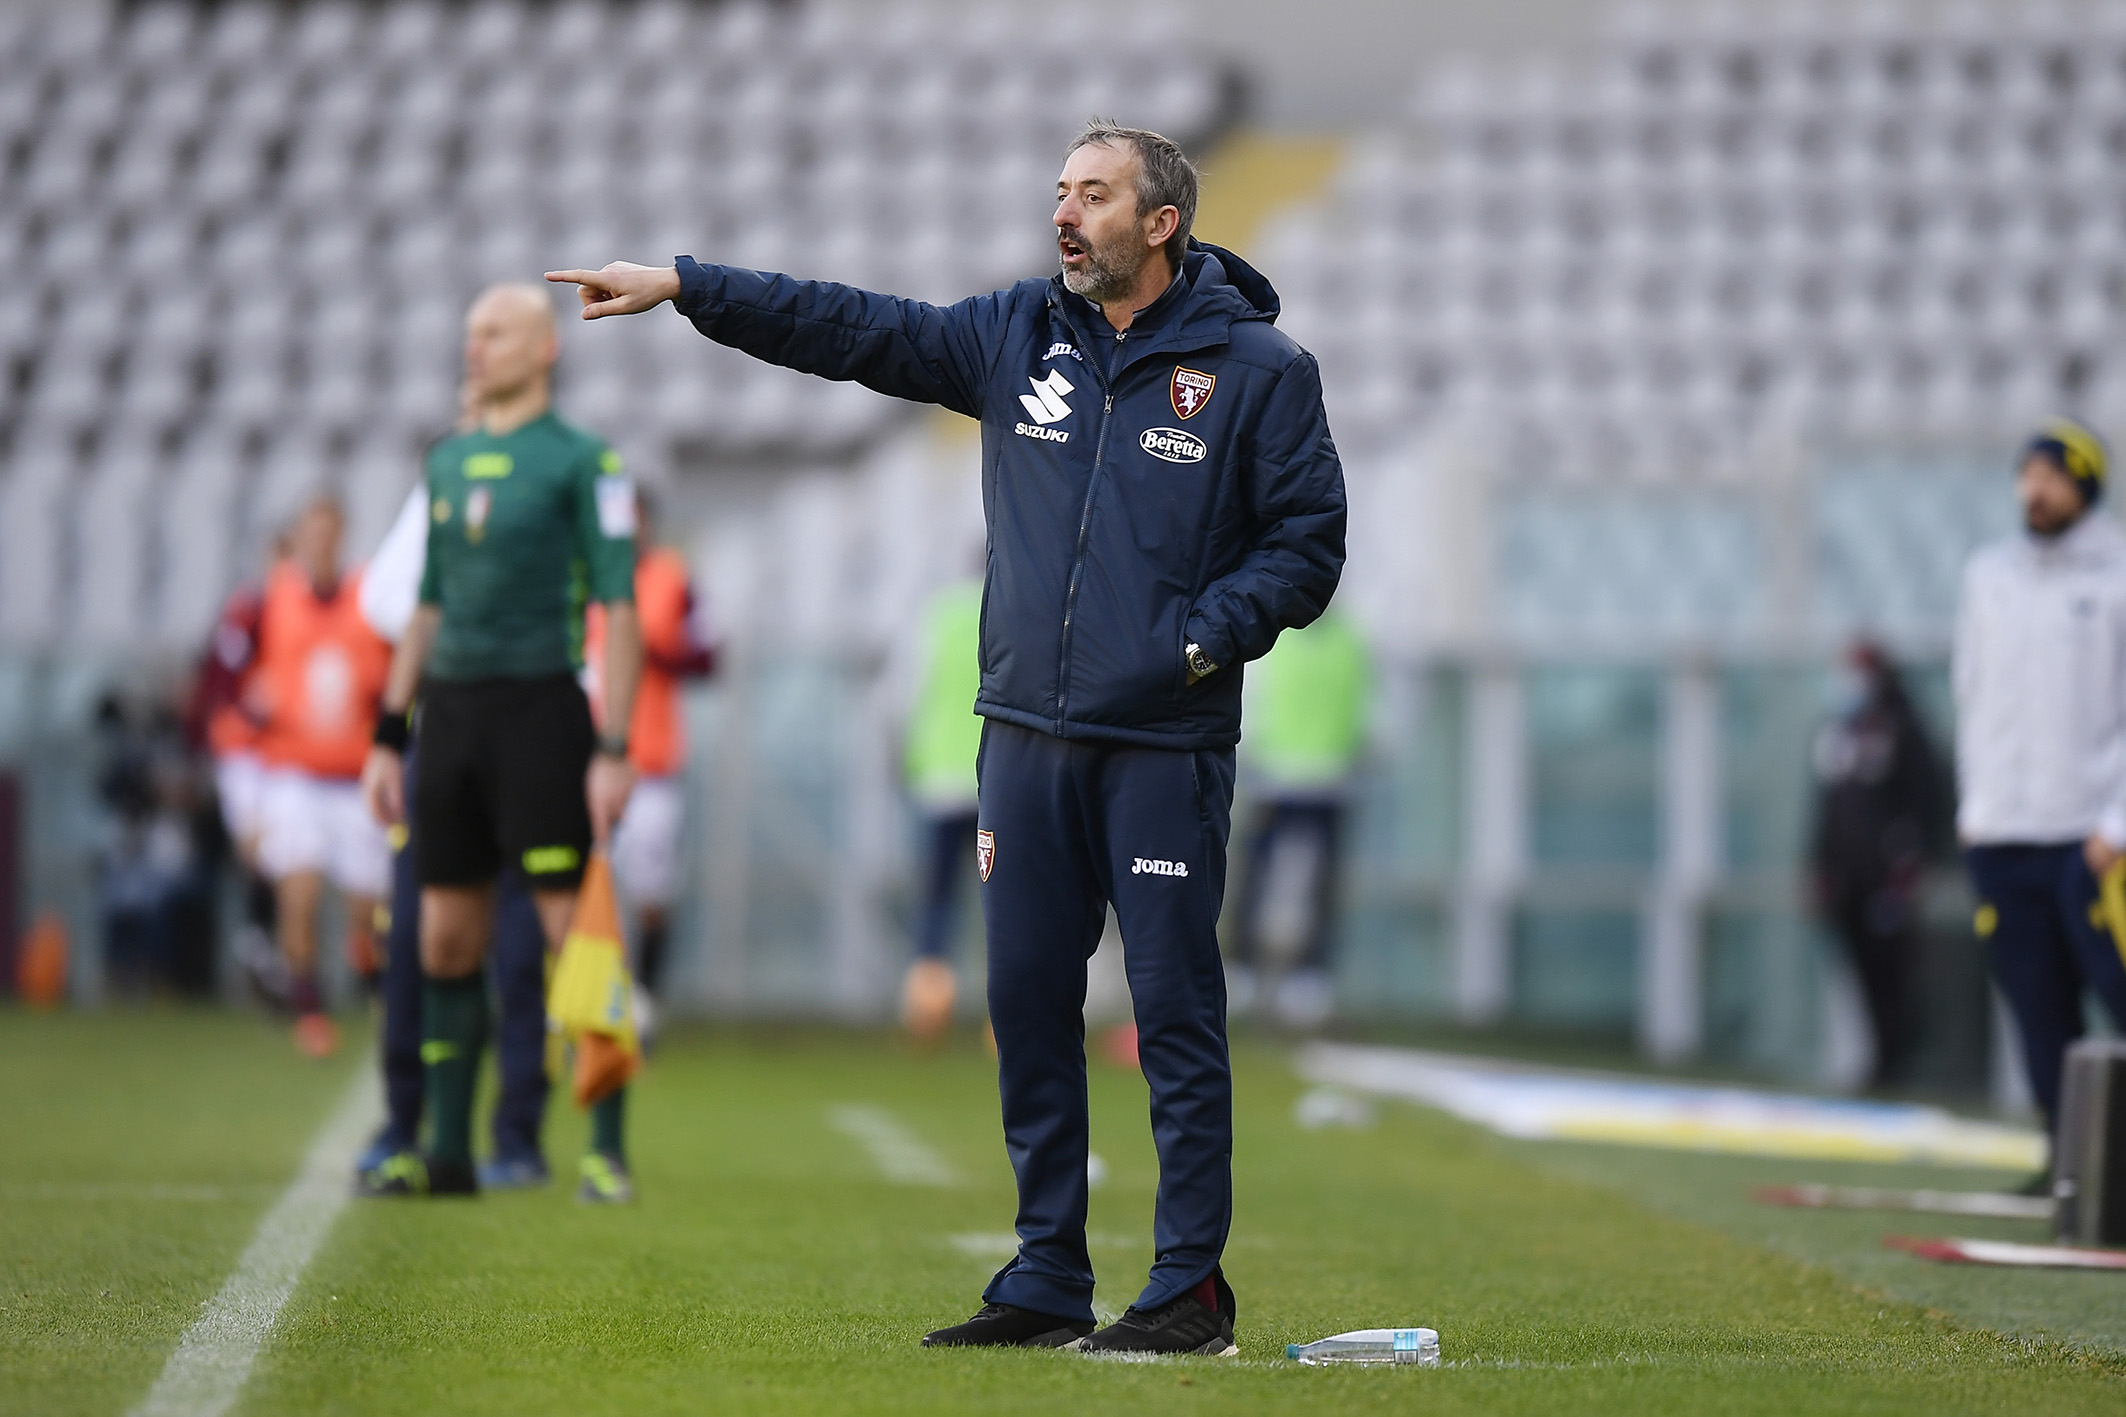 都灵俱乐部官方宣告马尔科-詹保罗不再担任球队主教练一职